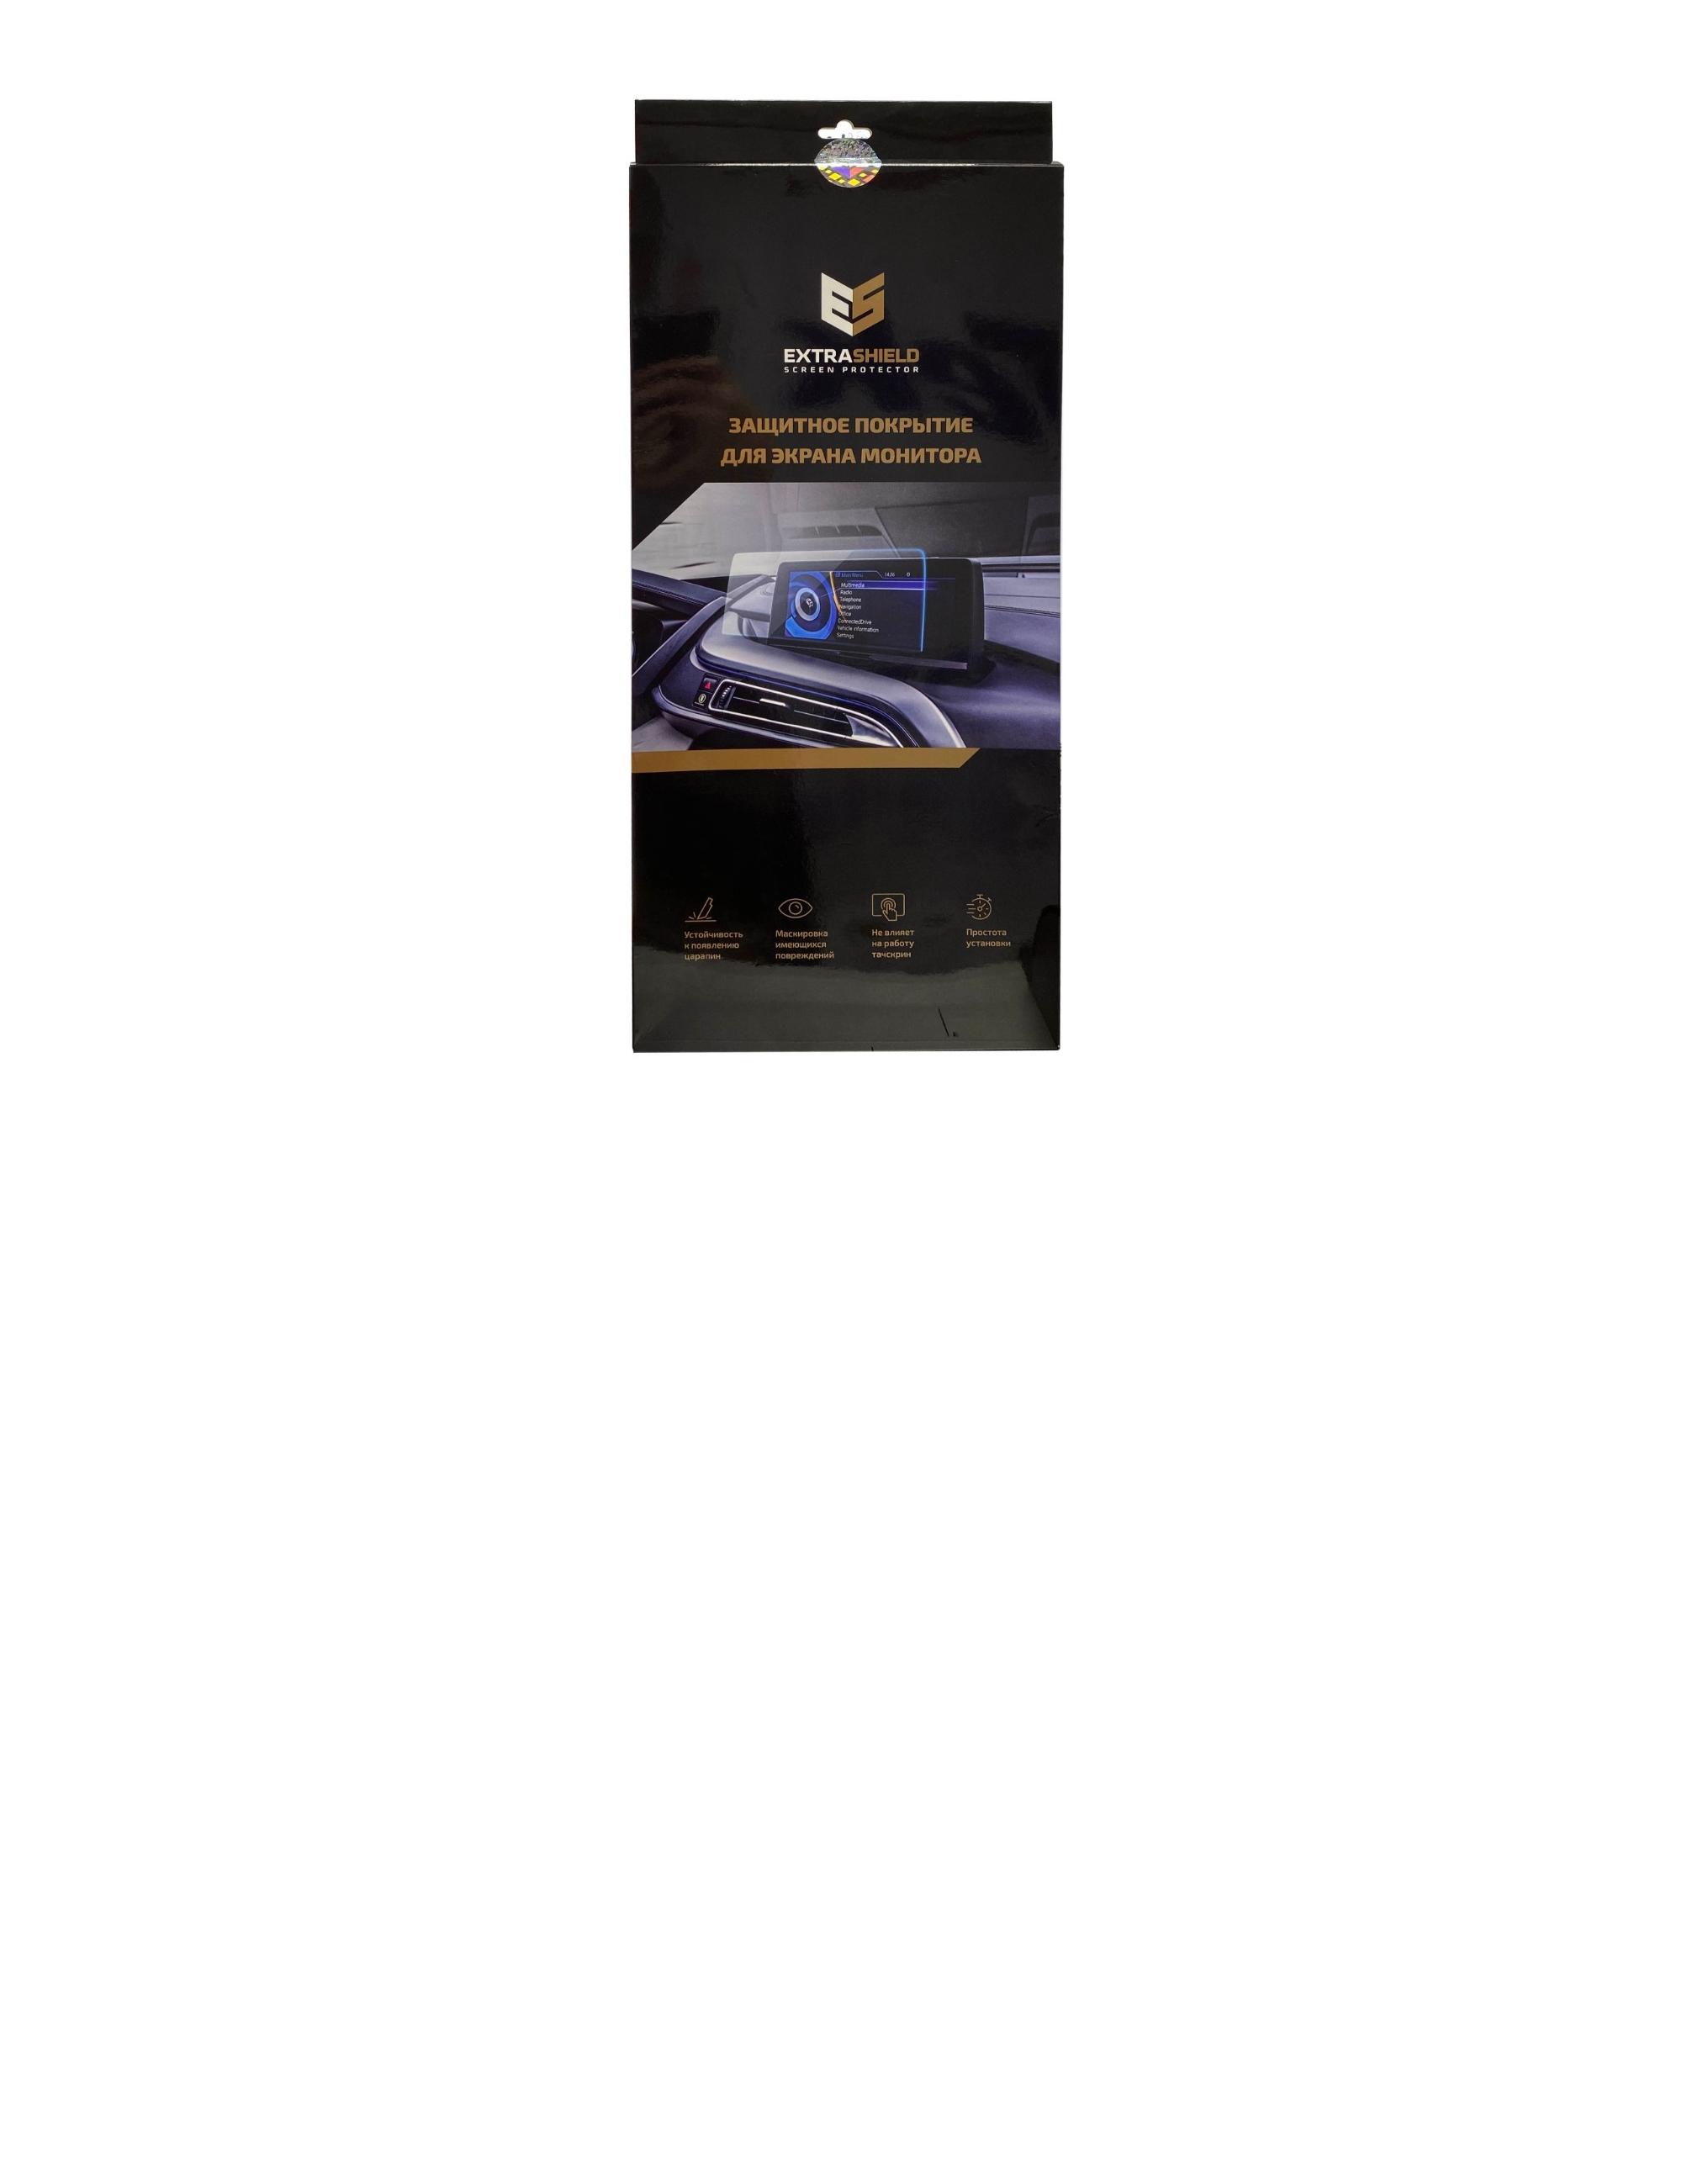 Mercedes-Benz GLC (X253) дорестайлинг 2015 - 2019 мультимедиа 7 Защитное стекло Матовая